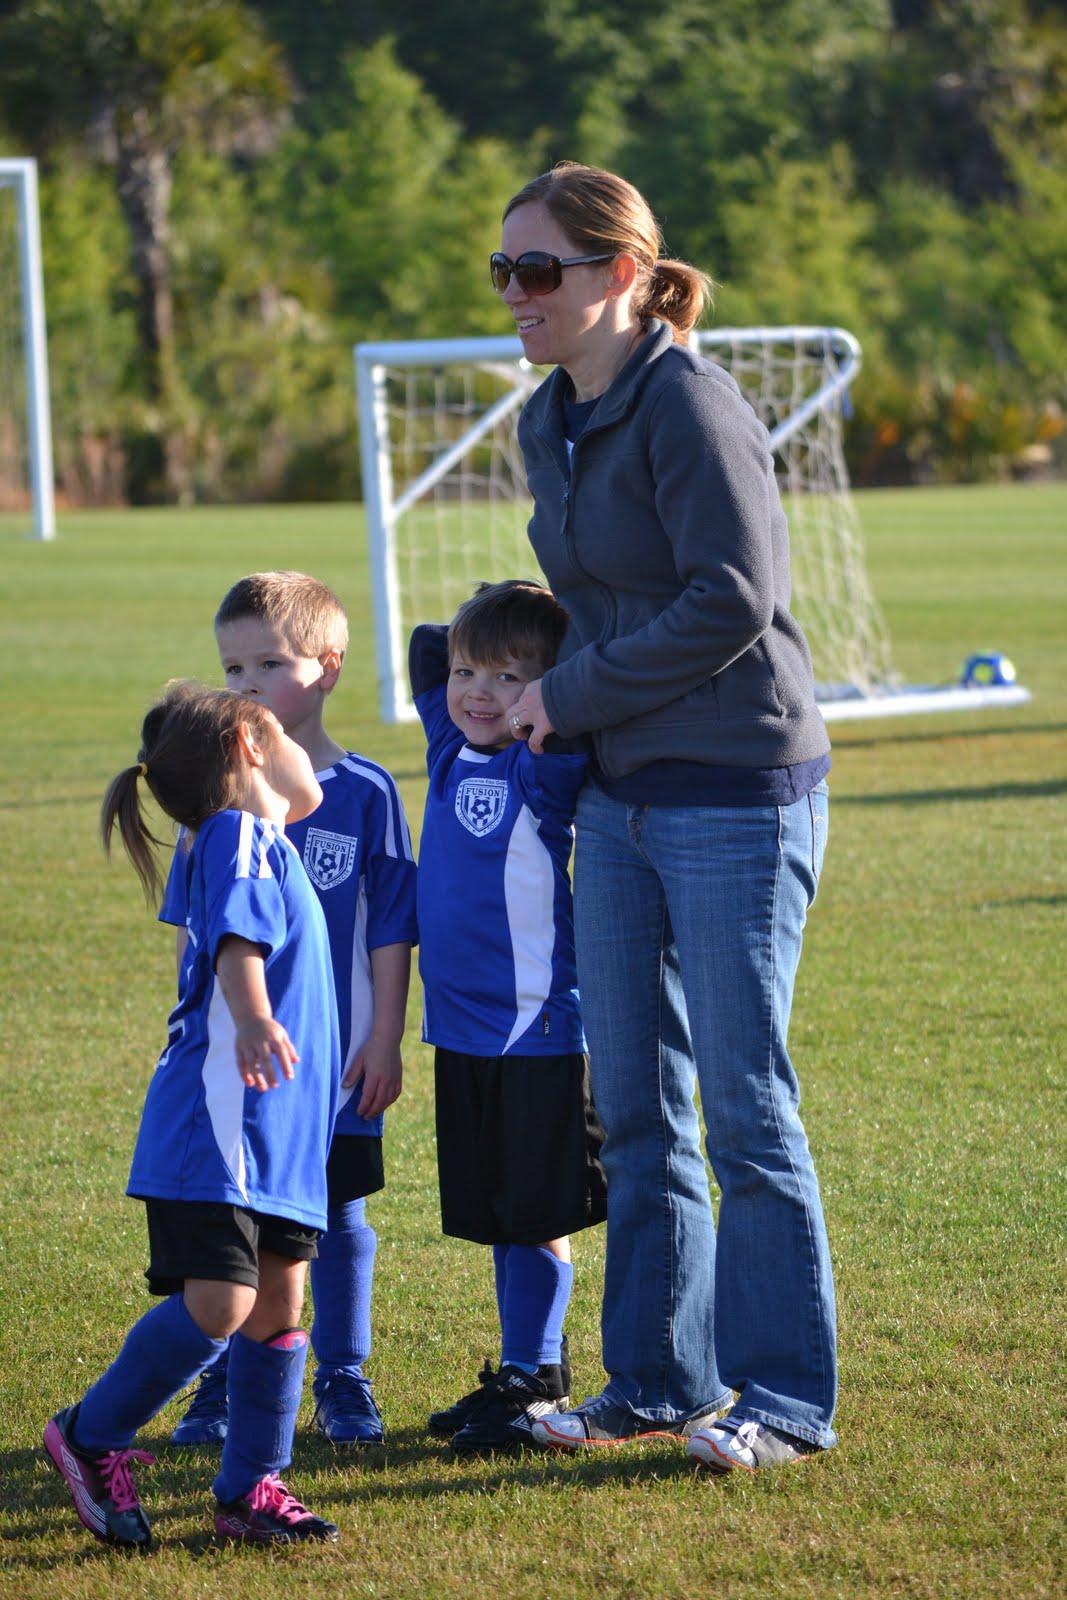 Soccer moms mp4 images 100